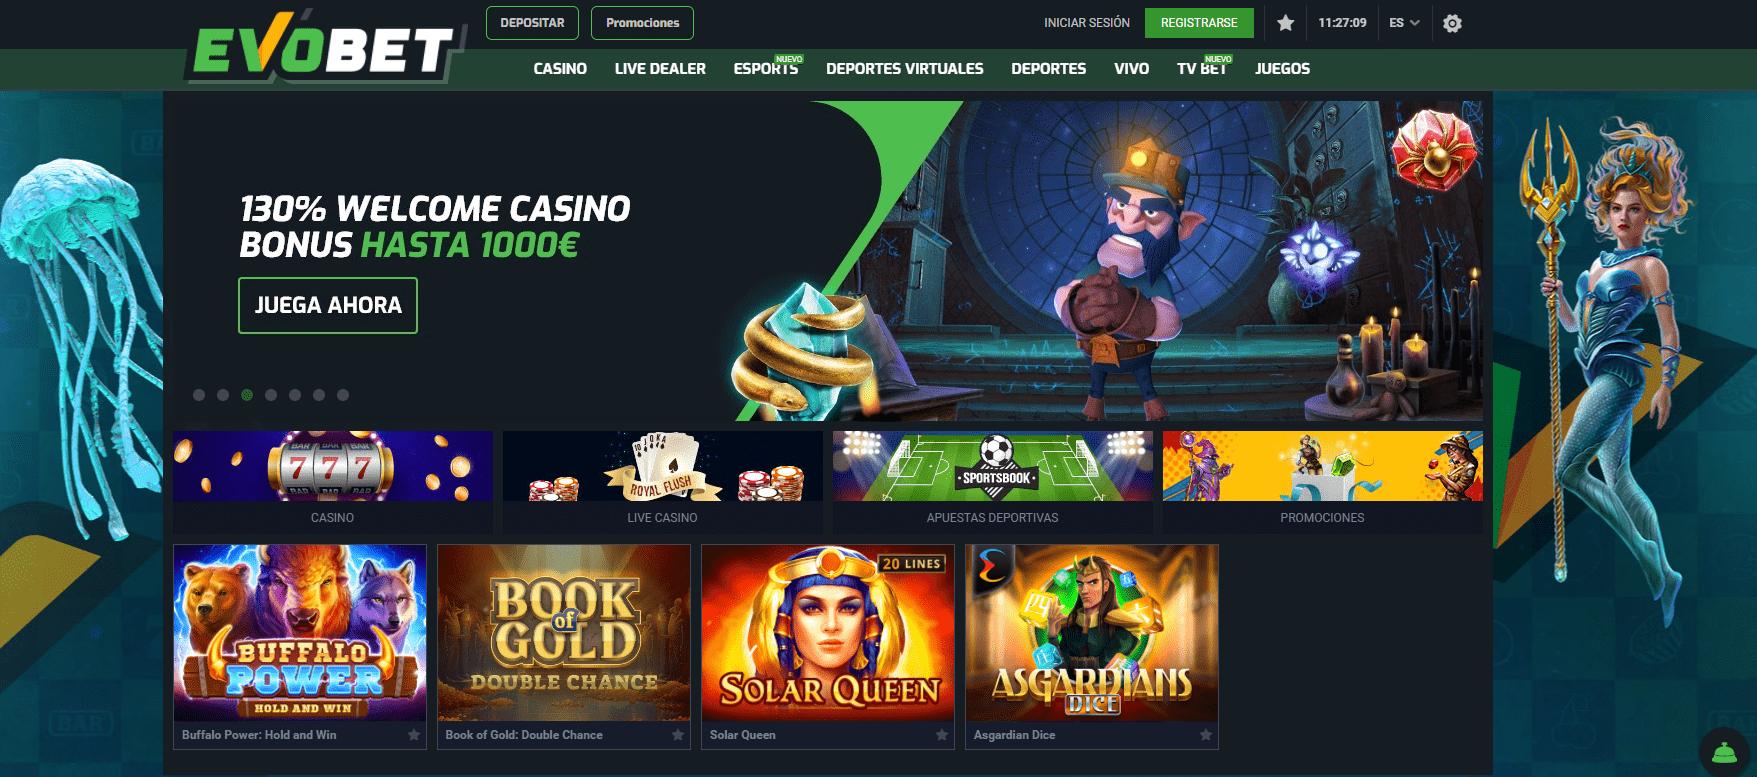 EvoBet Casino promoción de bienvenida